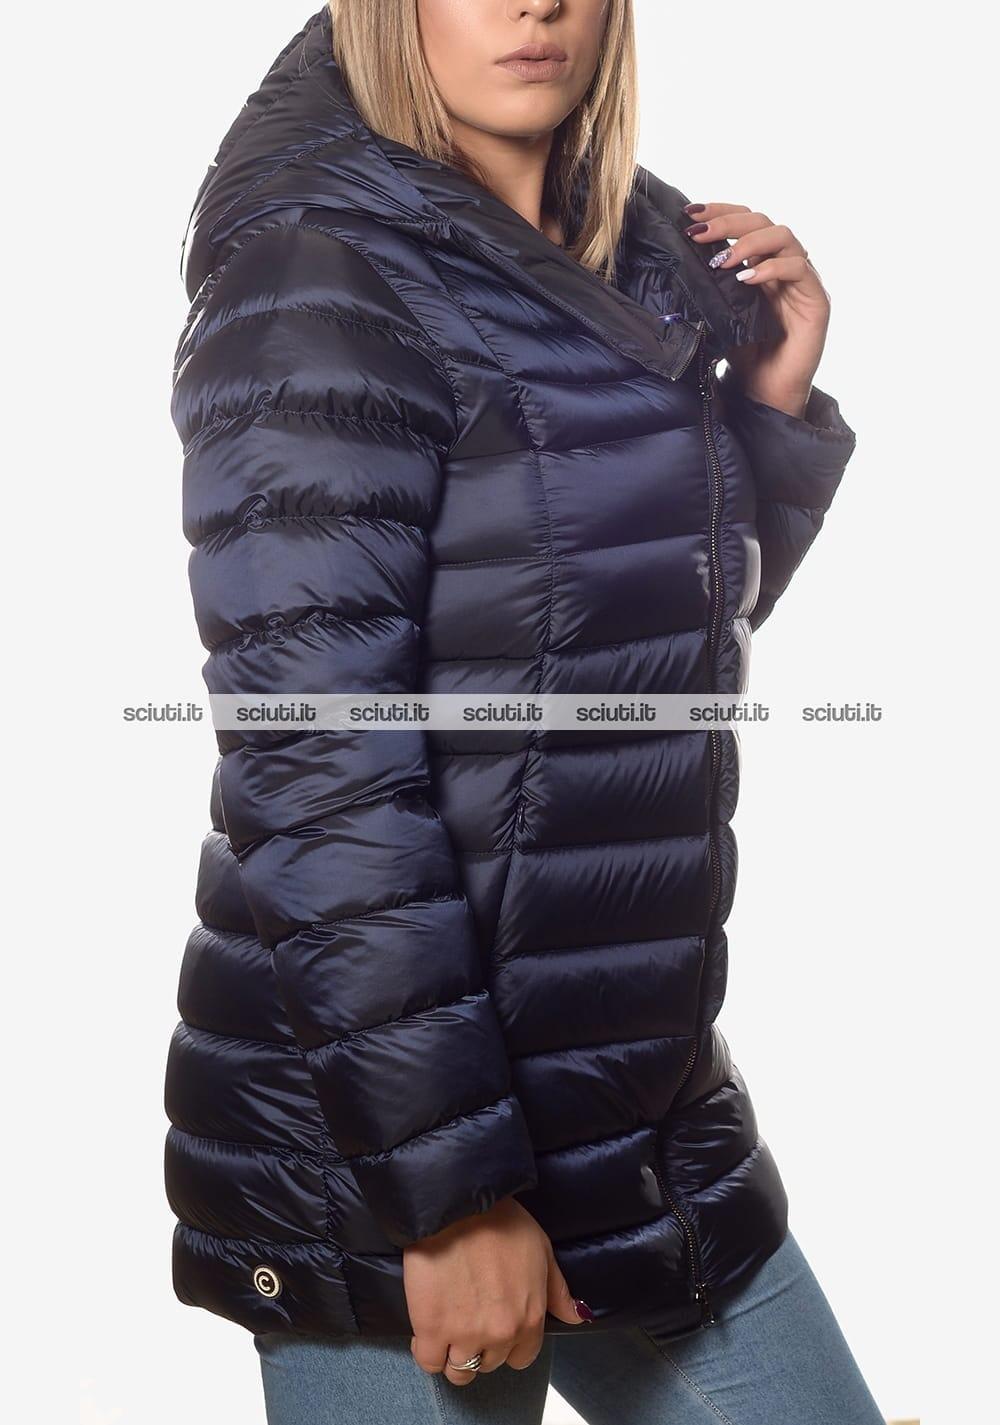 Piumino Colmar donna pesante asimmetrico con cappuccio blu